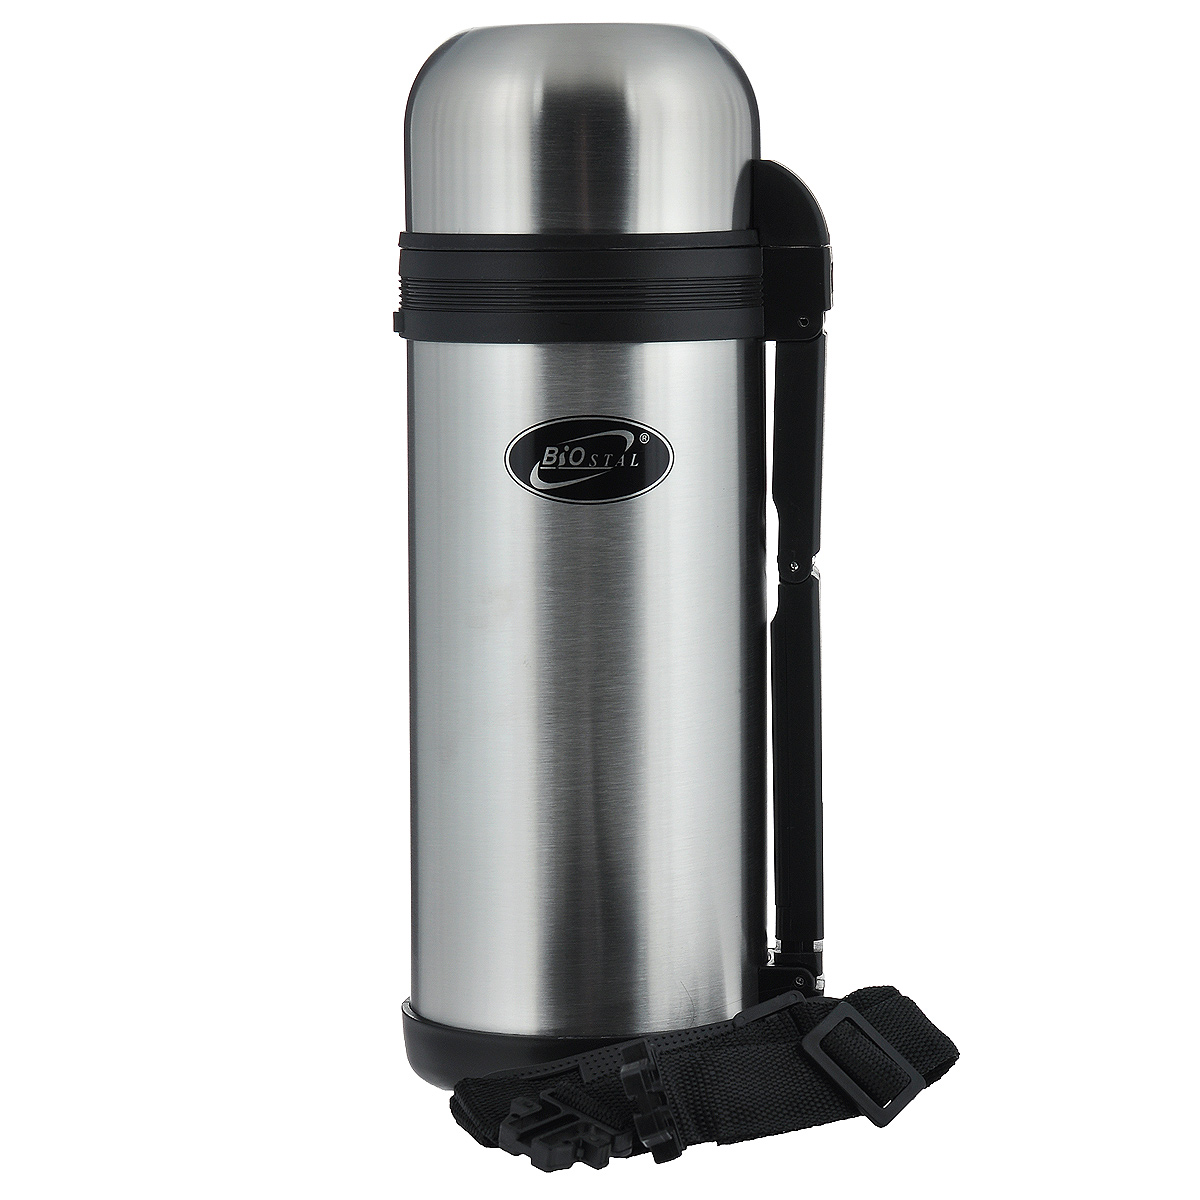 Термос BIOSTAL, 1,5 л. NG-1500-167742Универсальный пищевой термос BIOSTAL, изготовленный из высококачественной нержавеющей стали, относится к классической серии. Термосы этой серии, являющейся лидером продаж, просты в использовании, экономичны и многофункциональны. Универсальный термос выполняет функции термоса для еды (первого или второго) и термоса для напитков (кофе, чая). Это достигается благодаря специальной универсальной пробке, которая изготовлена из прочного пластика, легко разбирается для мытья и, обладая дополнительной теплоизоляцией, позволяет термосу дольше хранить тепло. Конструкция пробки позволяет использовать термос, как для напитков, так и для первых и вторых блюд. Изделие оснащено удобной ручкой, ремешком для переноски, крышкой-чашкой и дополнительной пластиковой чашкой. Легкий и прочный термос BIOSTAL сохранит ваши напитки и продукты горячими или холодными надолго.